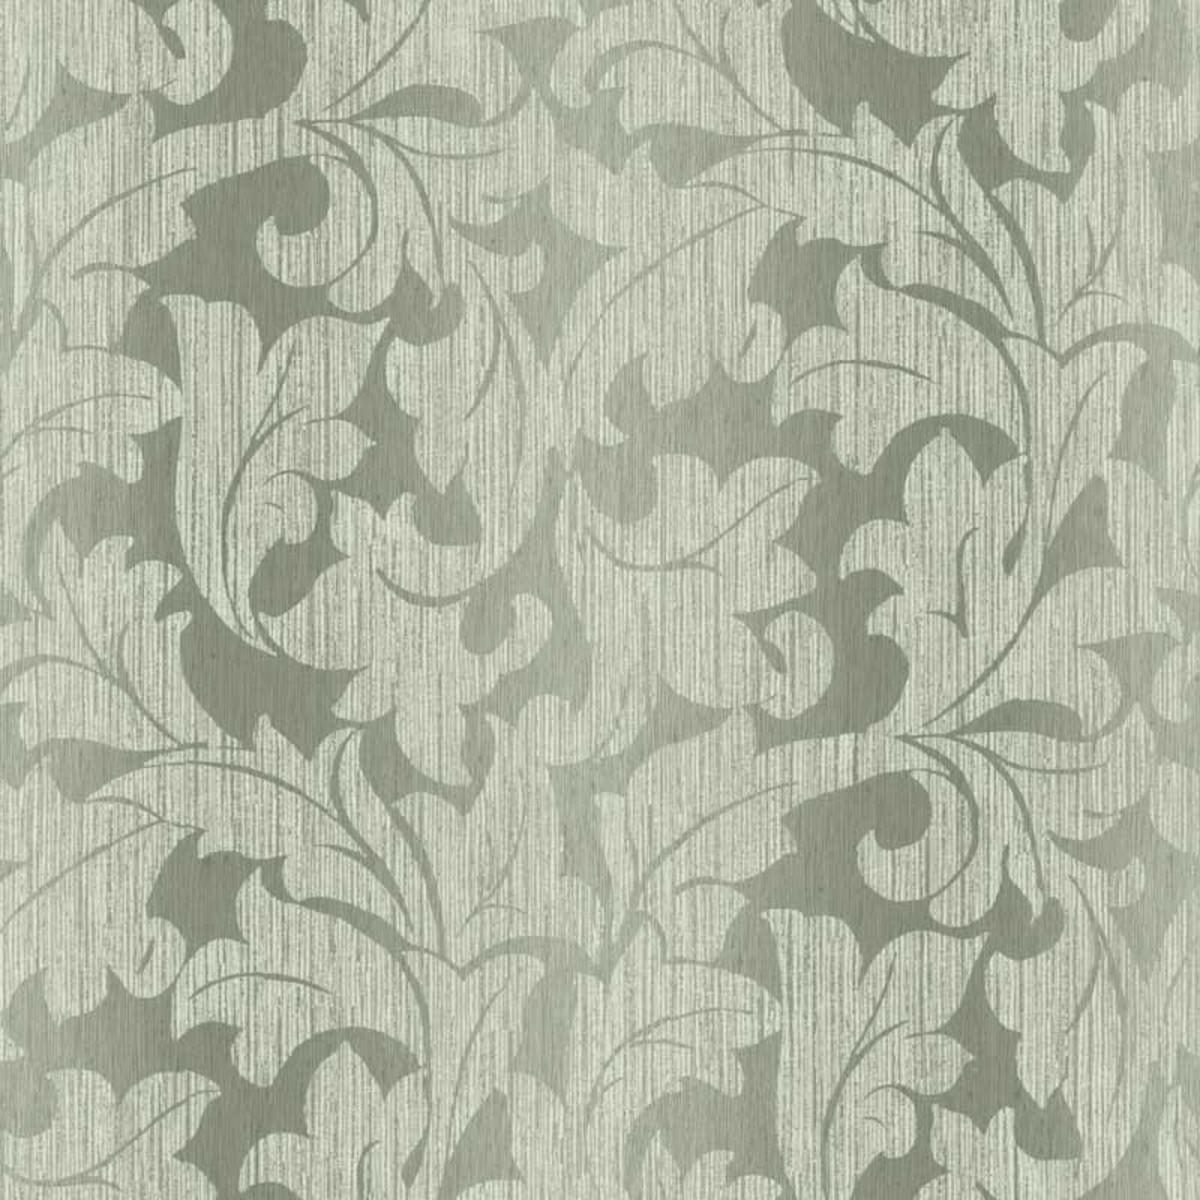 Обои акриловые Harrison Prints Ashby зеленые 0.53 м WC90400